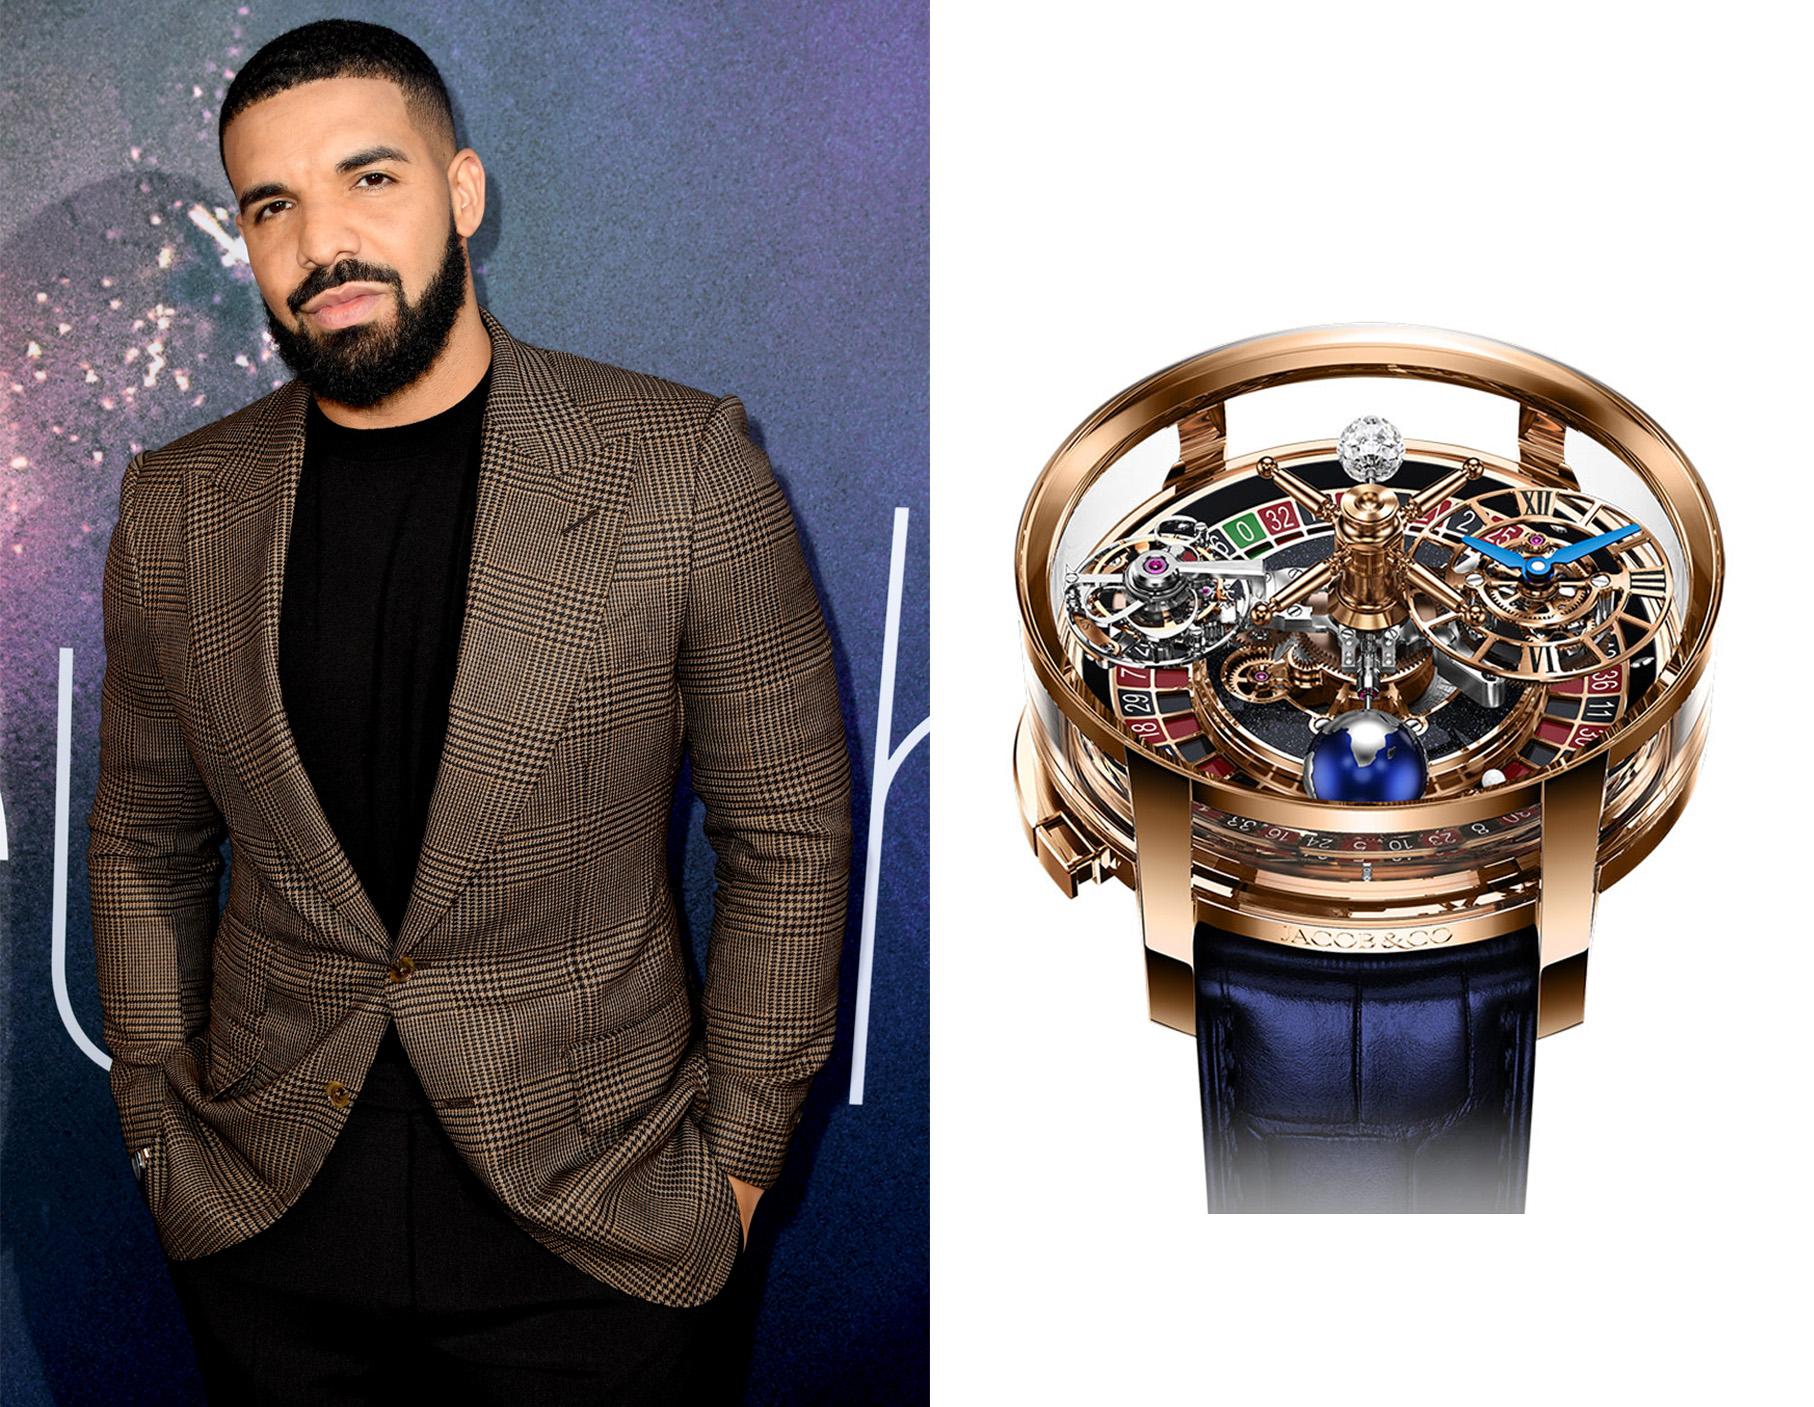 De Roger Federer a George Clooney: sus relojes favoritos